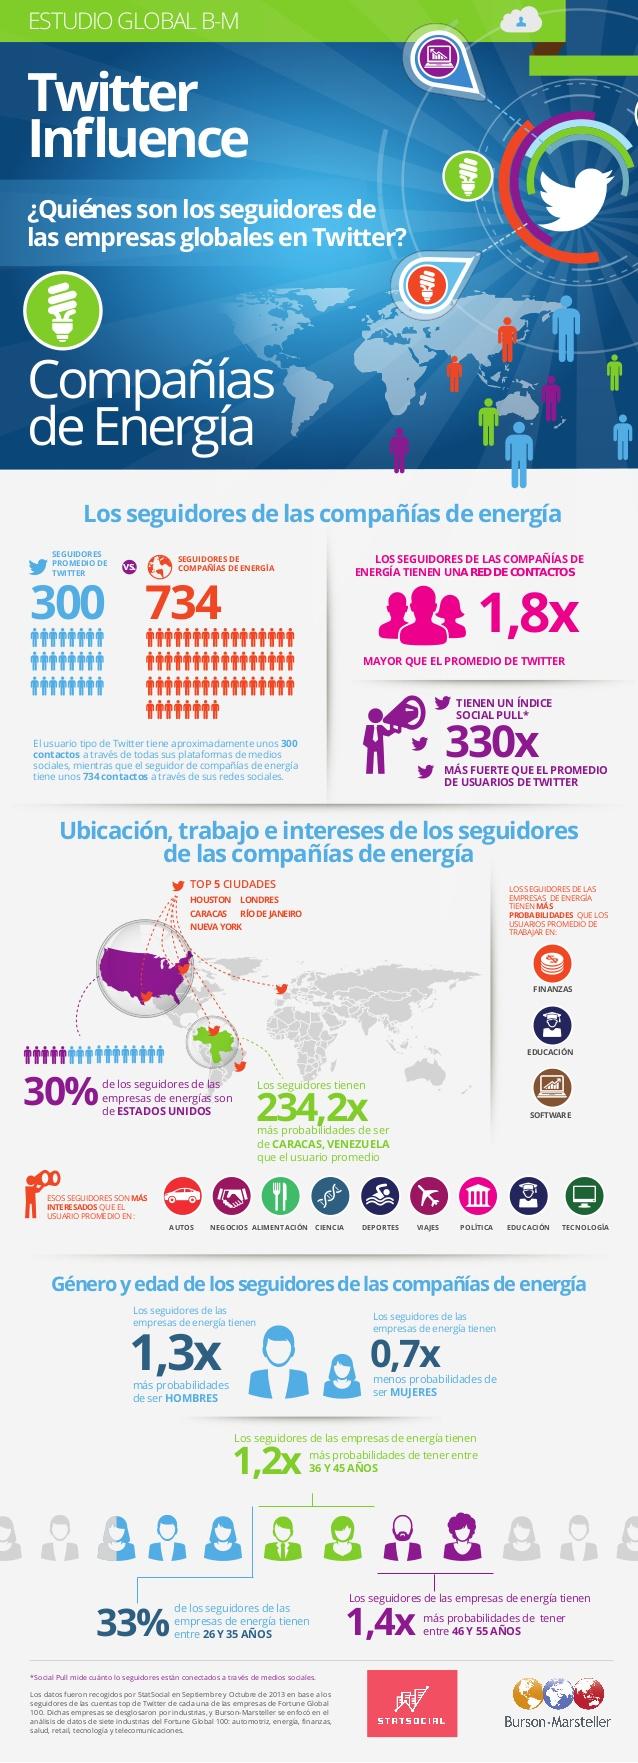 Quién sigue a las empresas de energía en Twitter